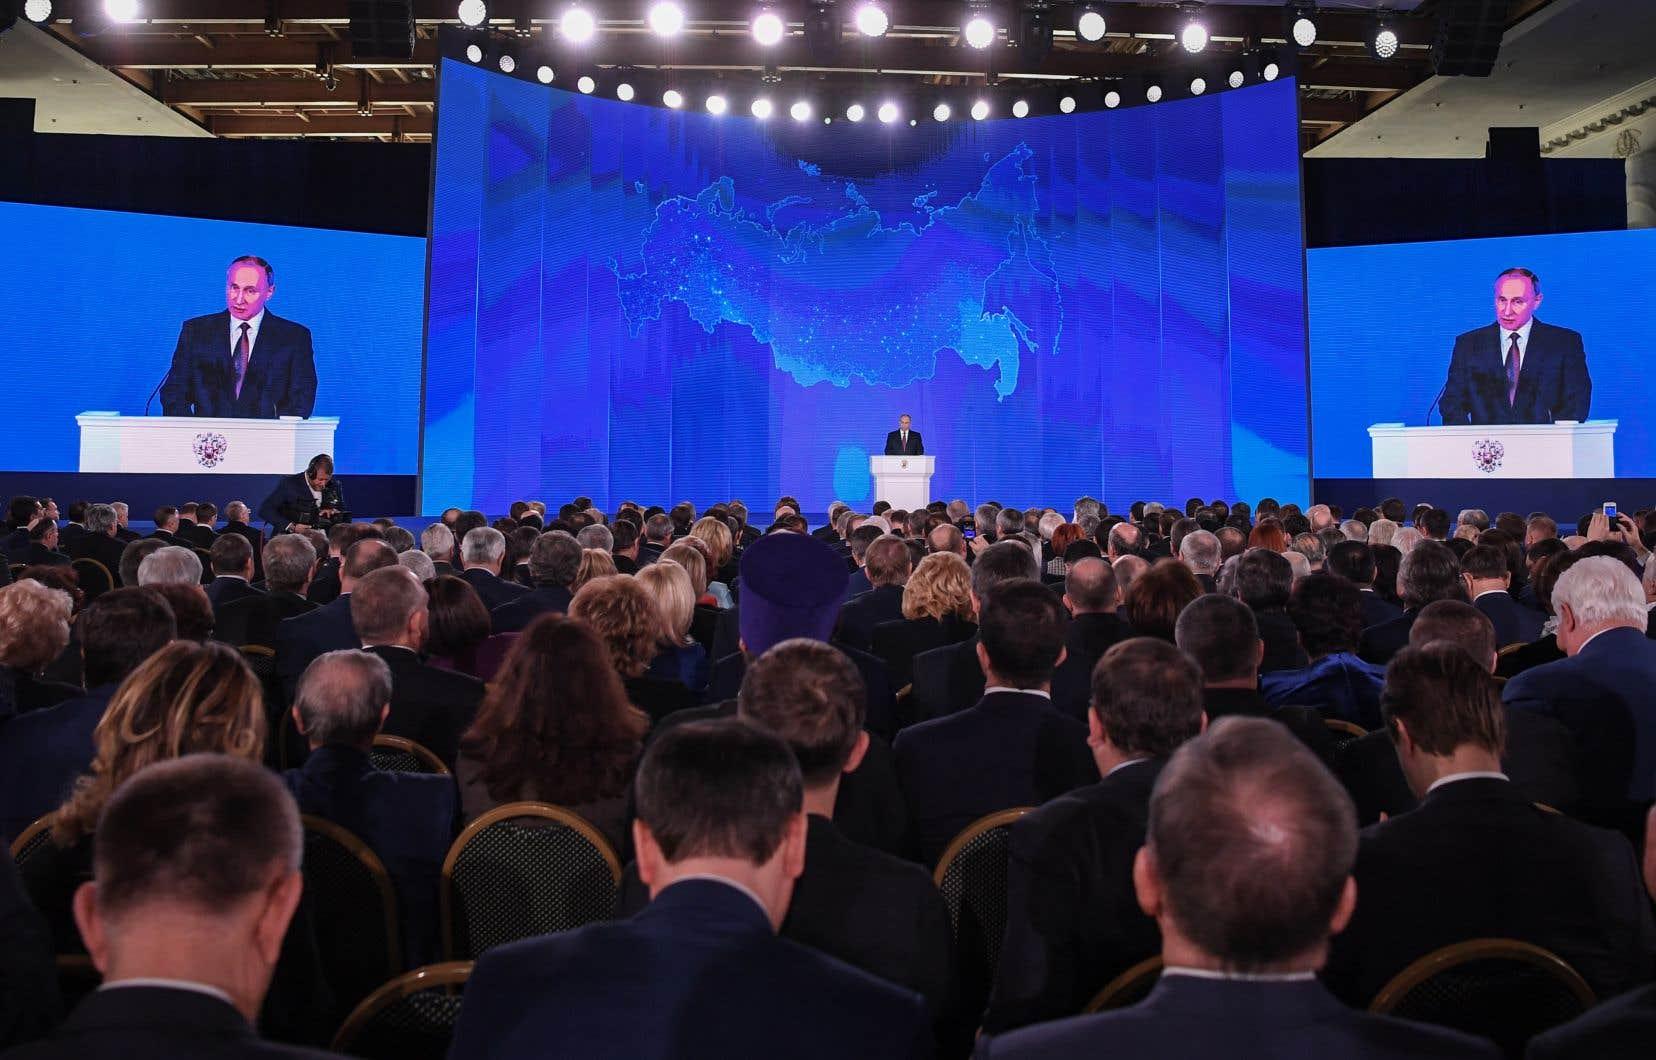 Selon le président de la Russie, Vladimir Poutine, l'arsenal renouvelé et modernisé doit répondre à l'activité militaire des États-Unis.